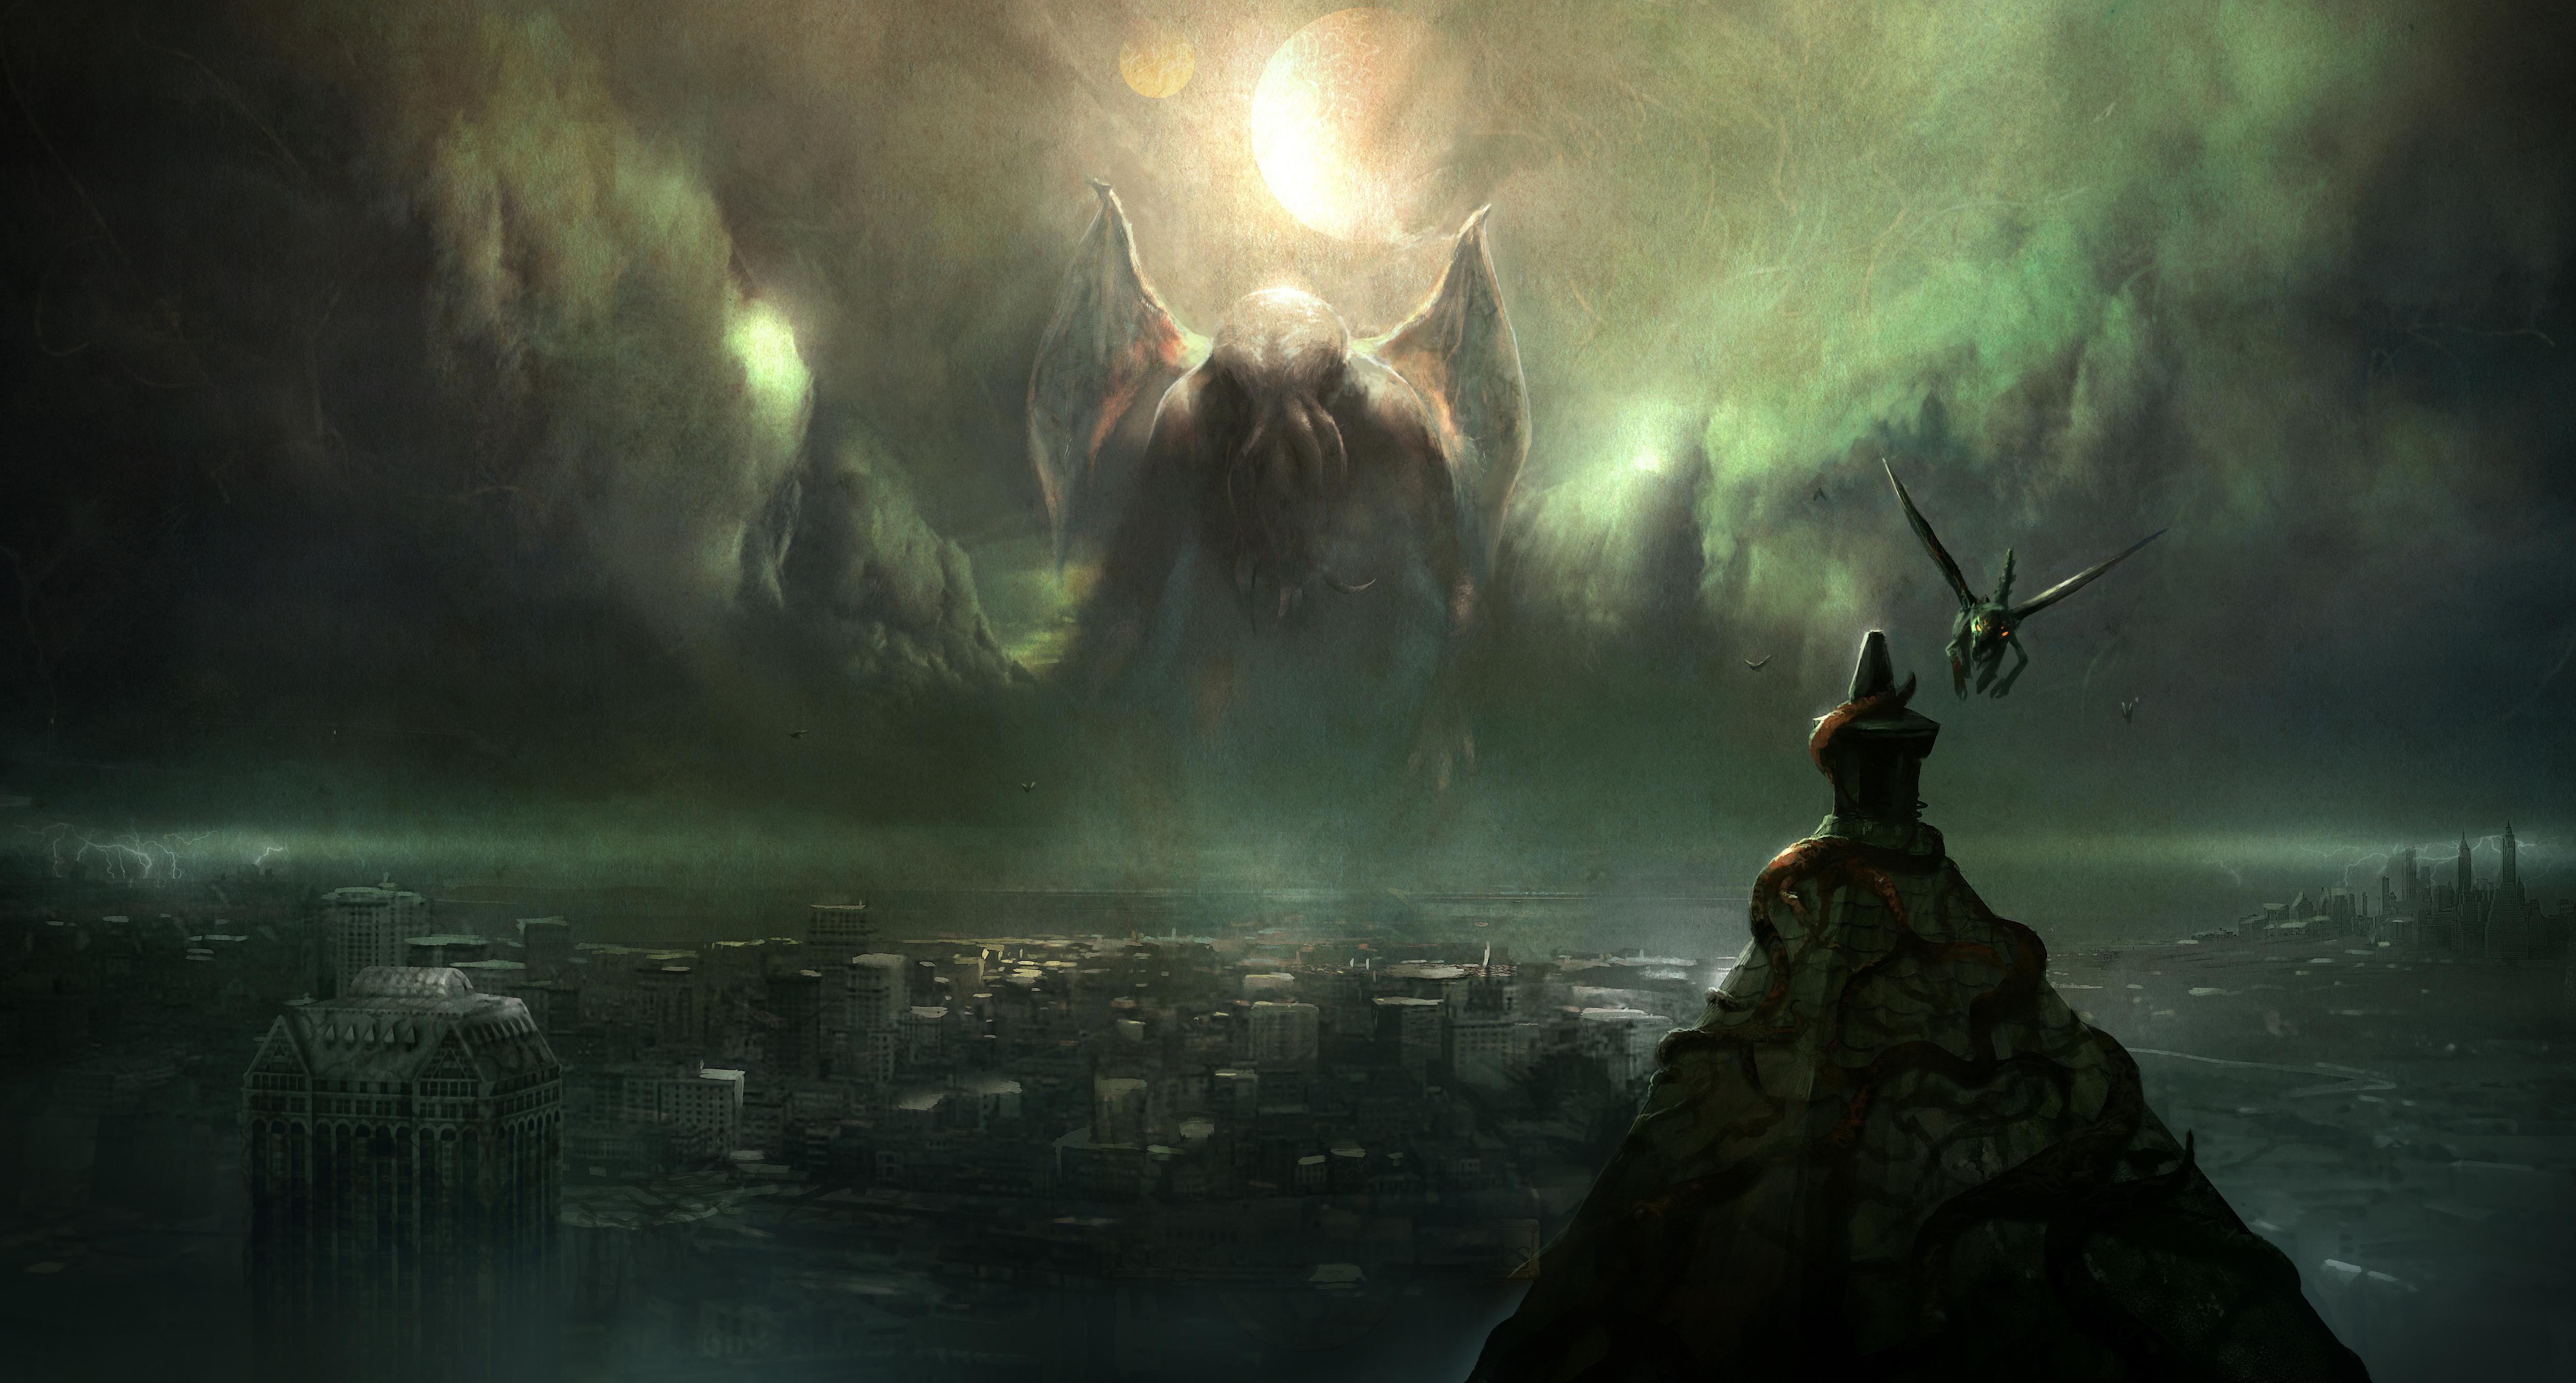 La filosofia di H.P. Lovecraft, tra nichilismo, cosmicismo e indifferenza cosmica